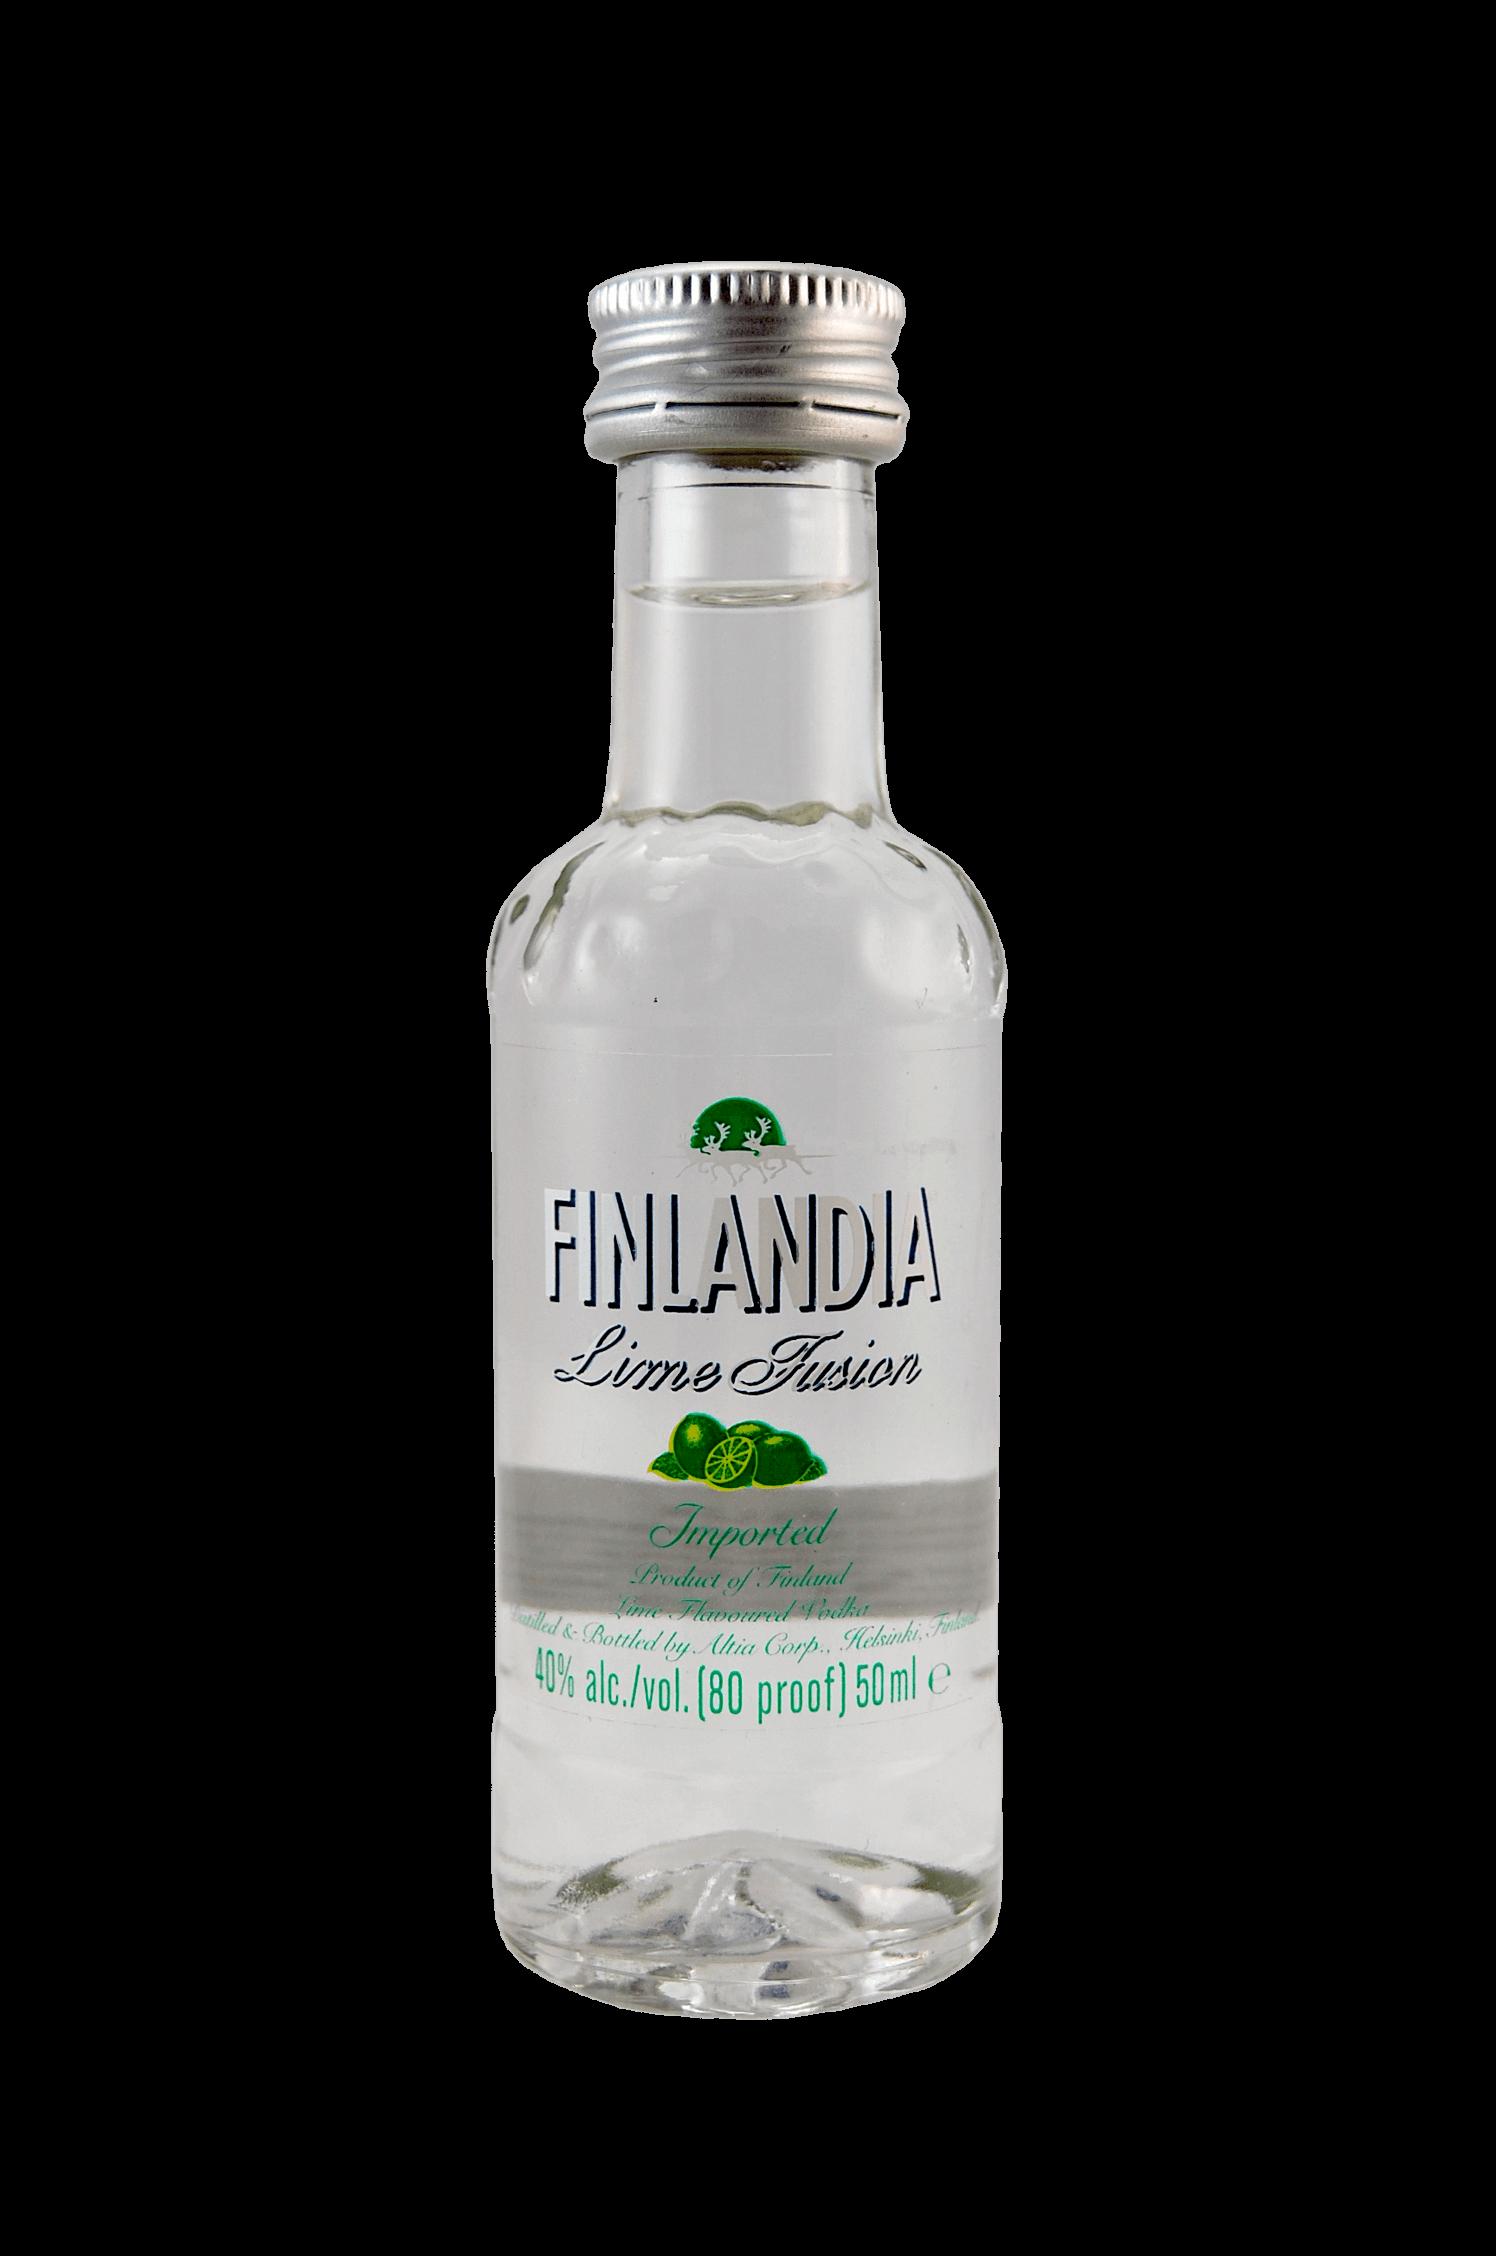 Finlandia Lime Fusion